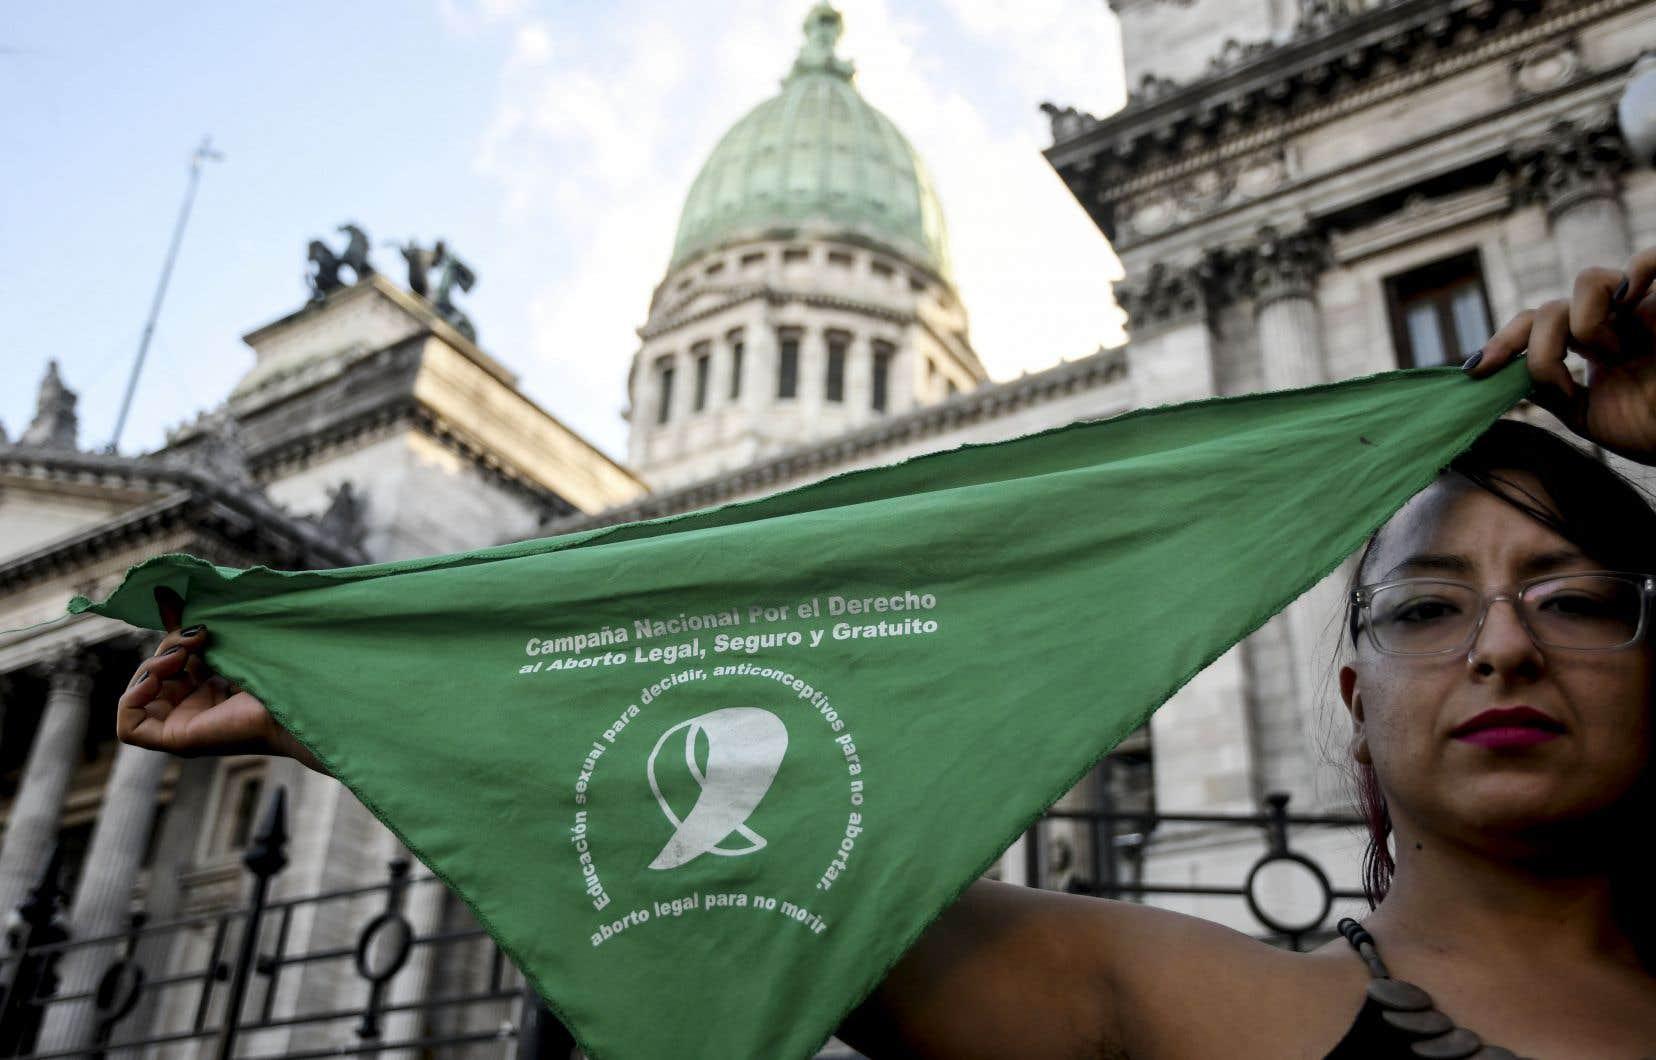 Lors d'une manifestation à Buenos Aires, une femme arbore un foulard vert, le symbole des revendications en faveur de la légalisation de l'avortement.